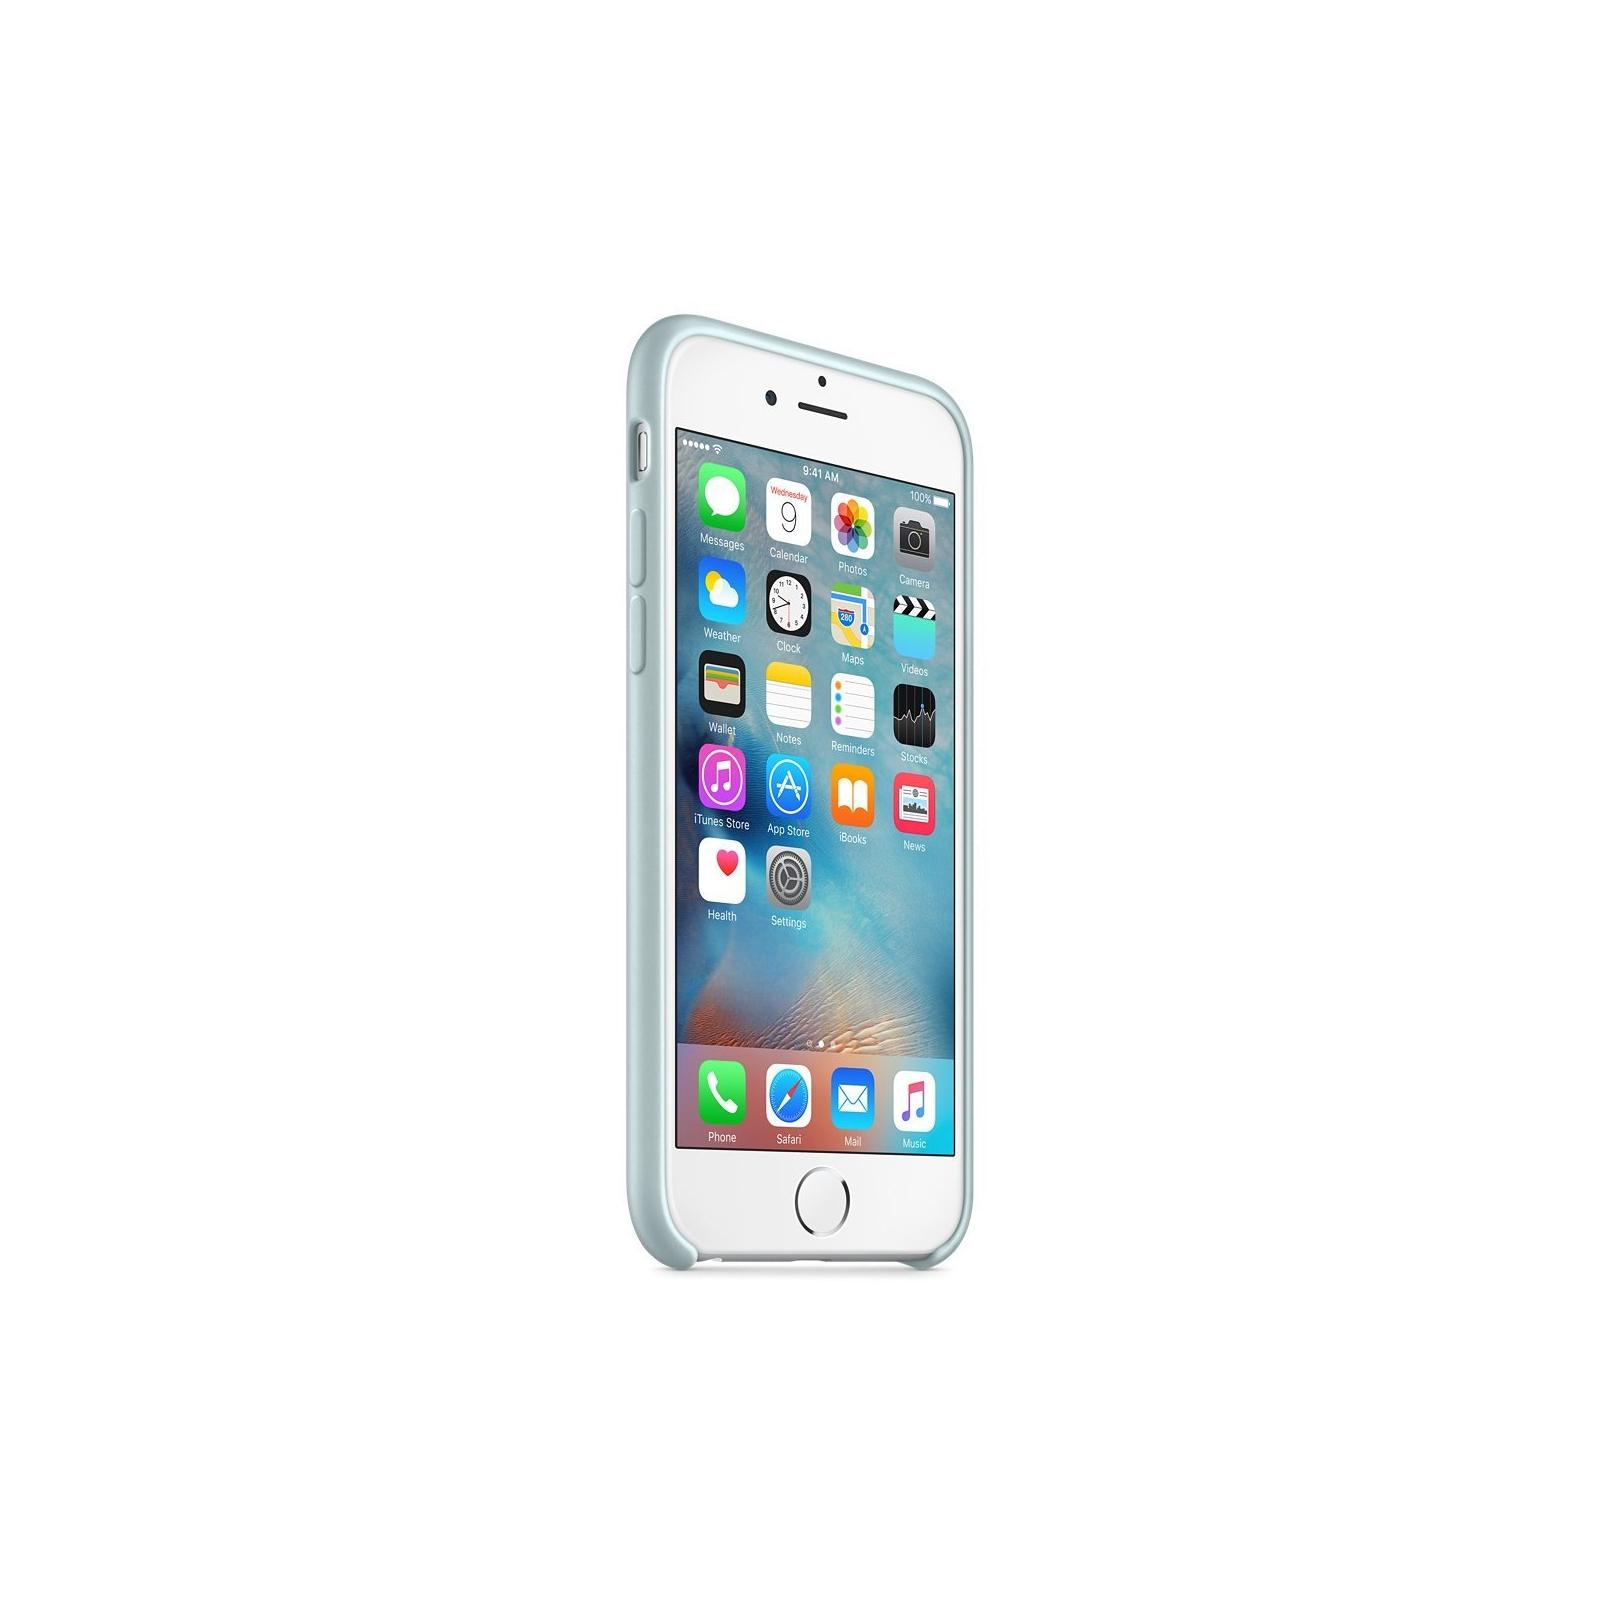 Чехол для моб. телефона Apple для iPhone 6/6s Torquoise (MLCW2ZM/A) изображение 3